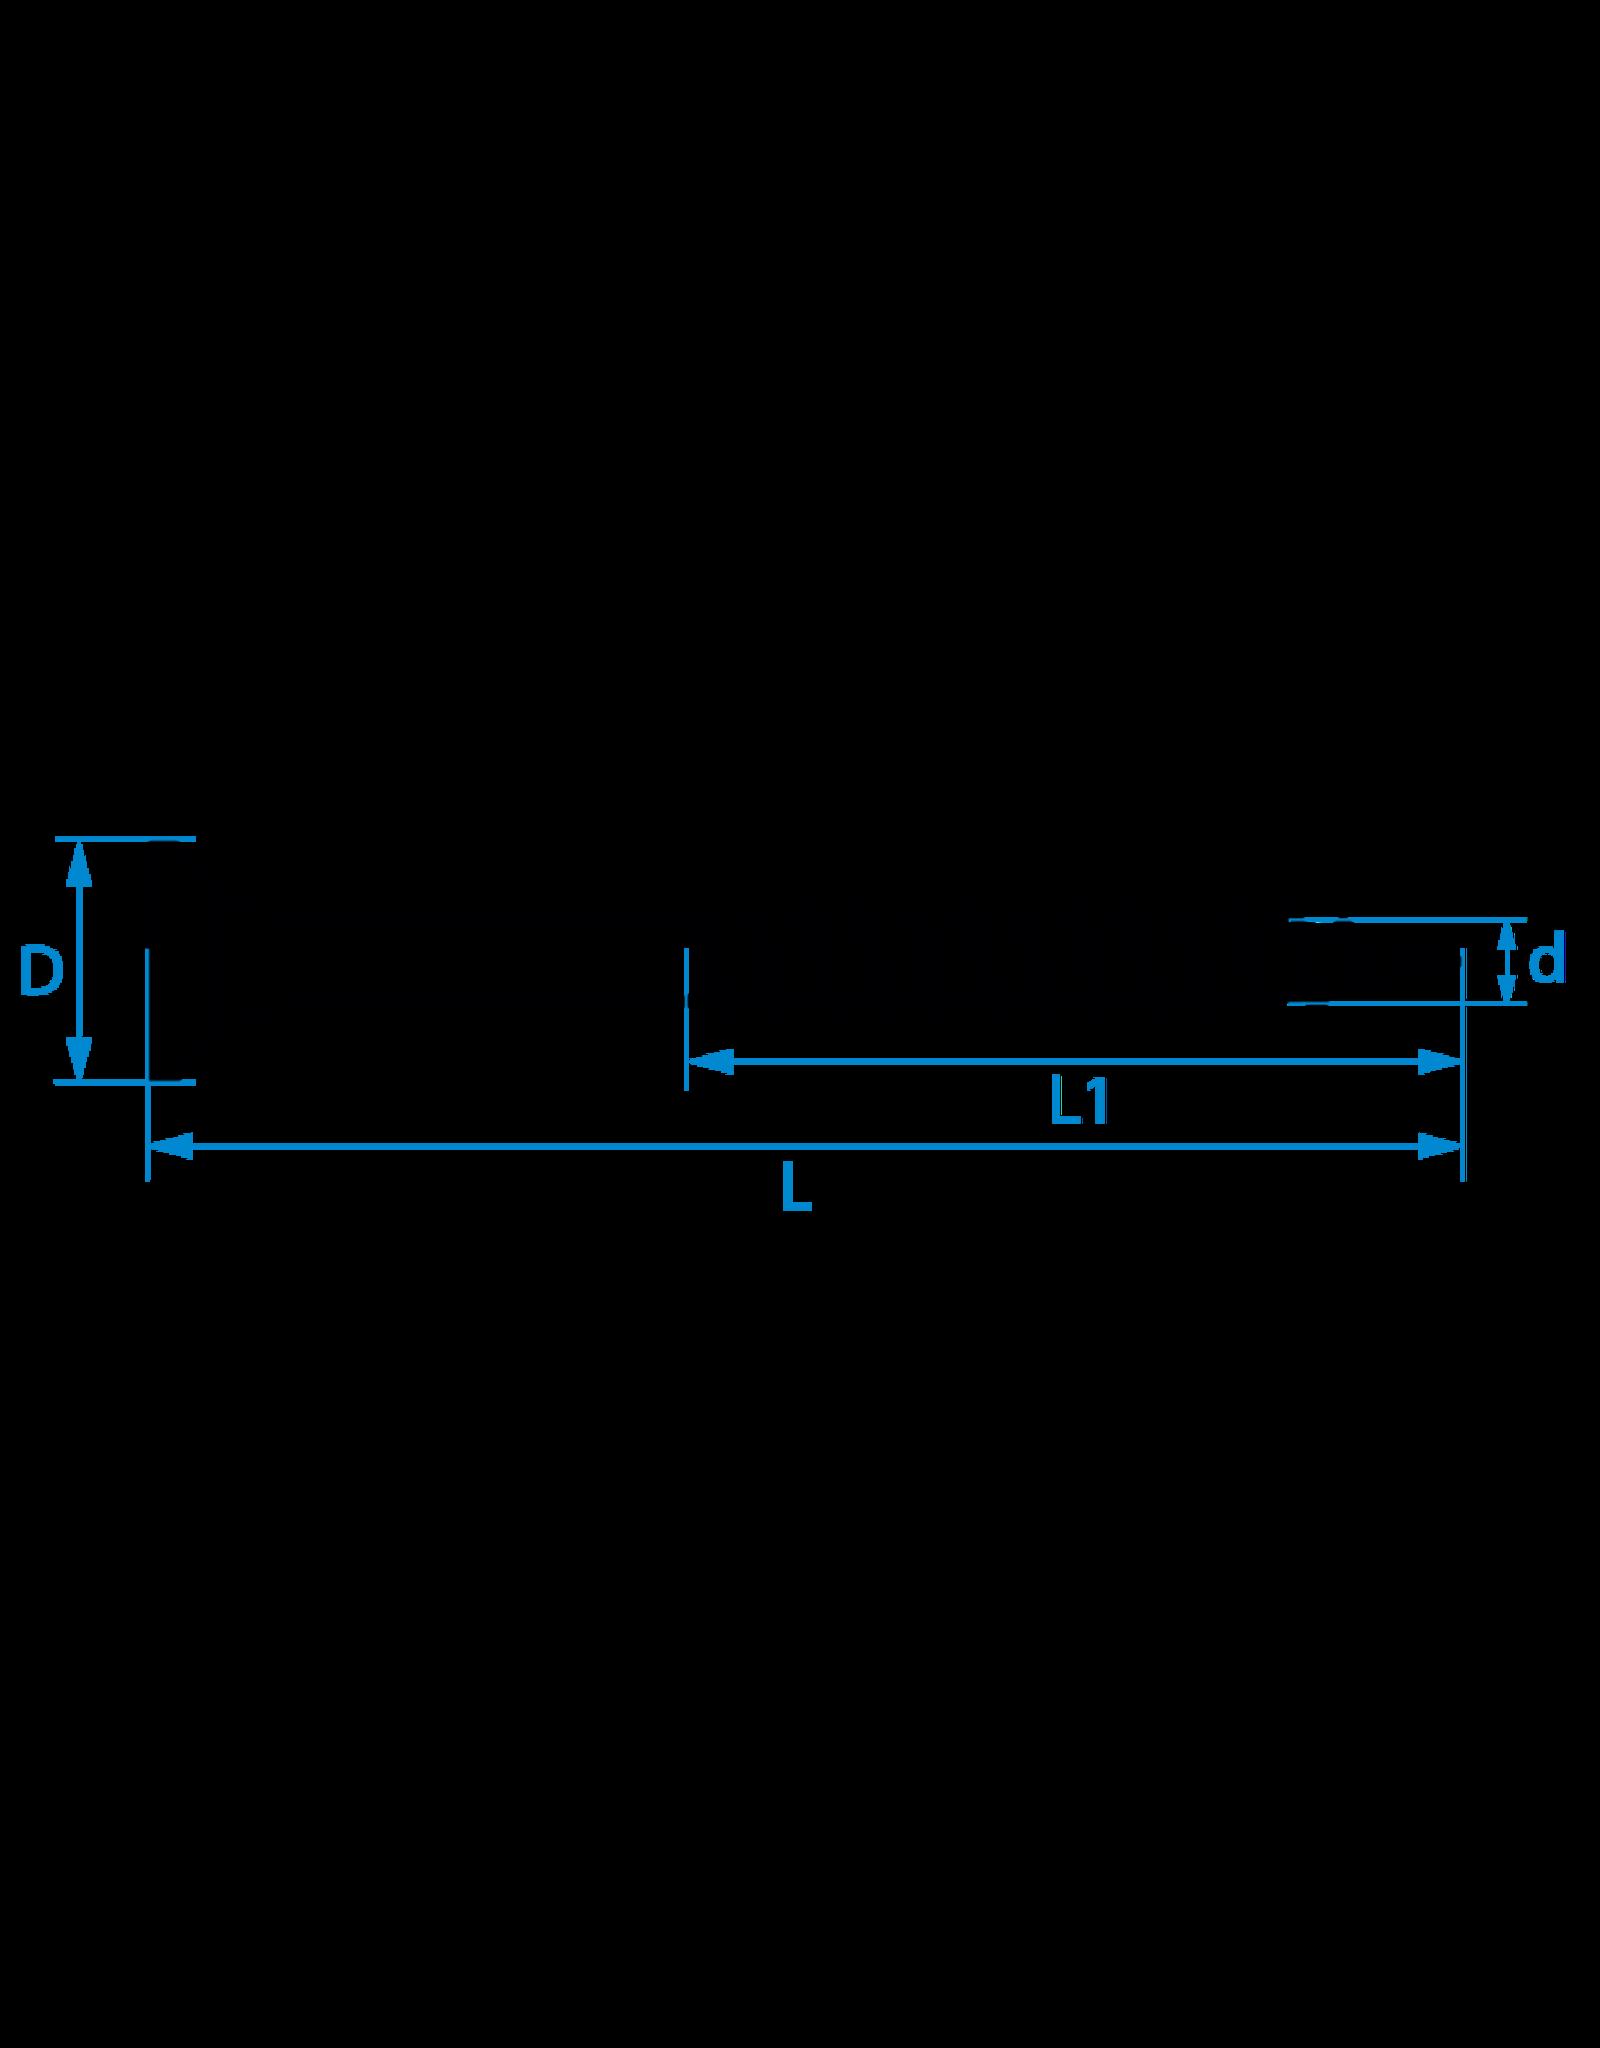 Spaanplaatschroeven platkop deeldraad 6.0x80/48 TX-30 staal gehard verzinkt per 100 stuks